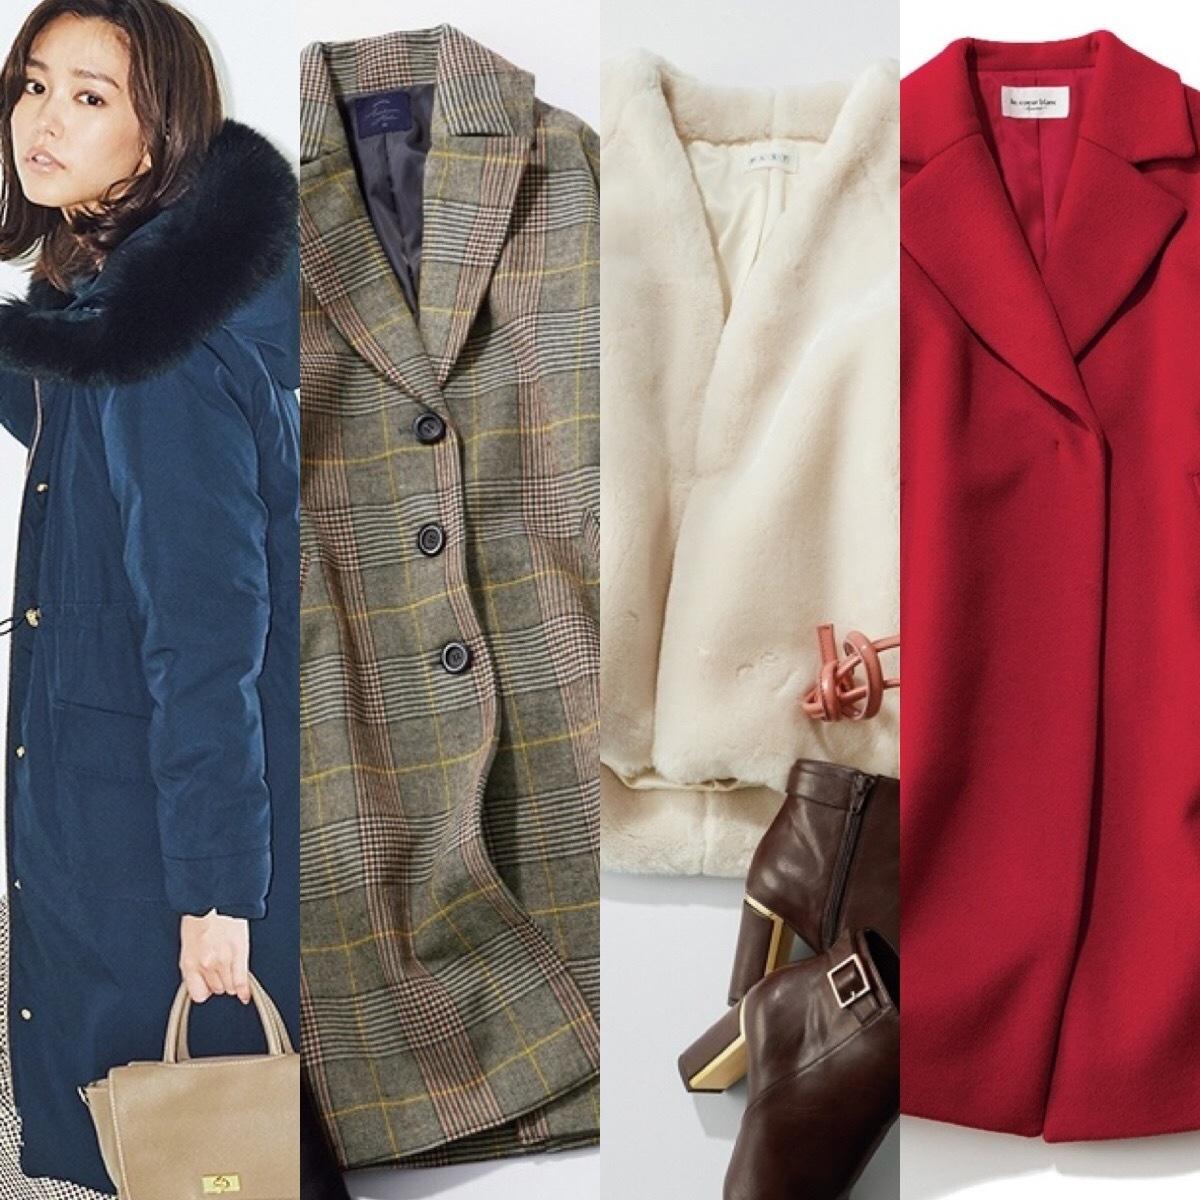 【税込5万円以下】本当にコスパのいい冬のトレンドコート30選【30代レディースファッション】